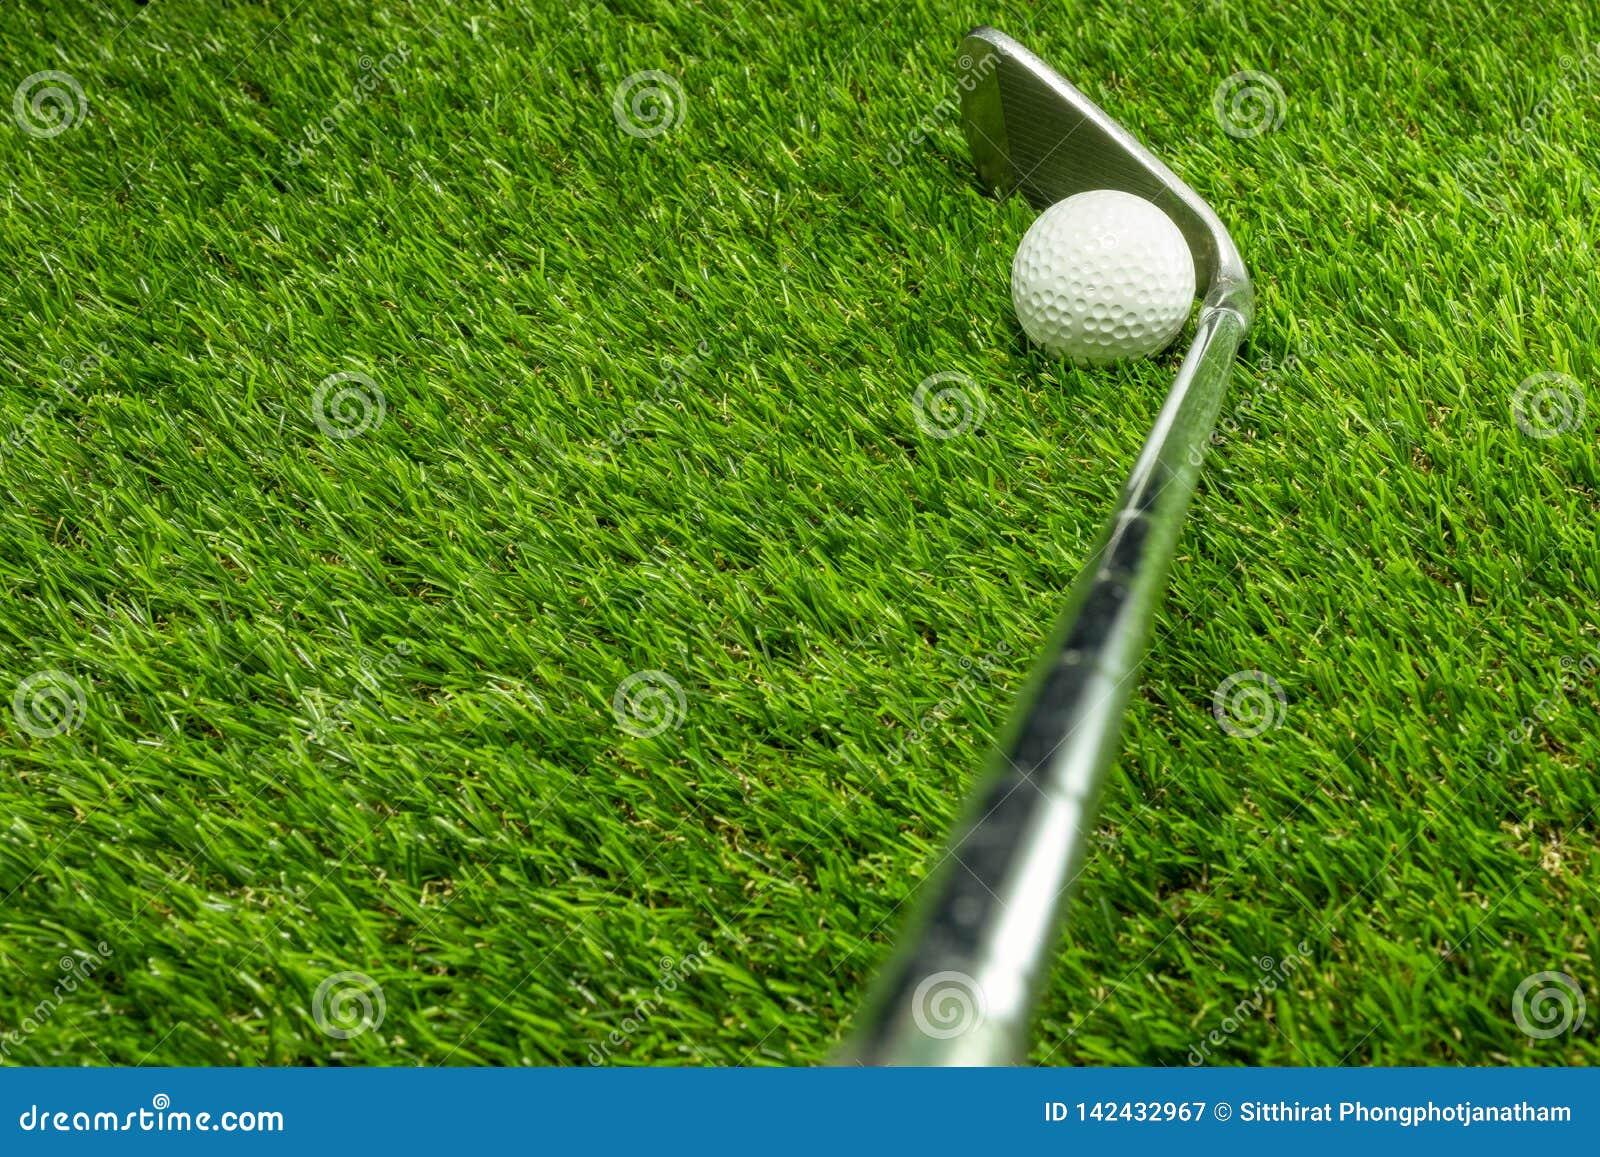 Piłka golfowa i kij golfowy na trawie